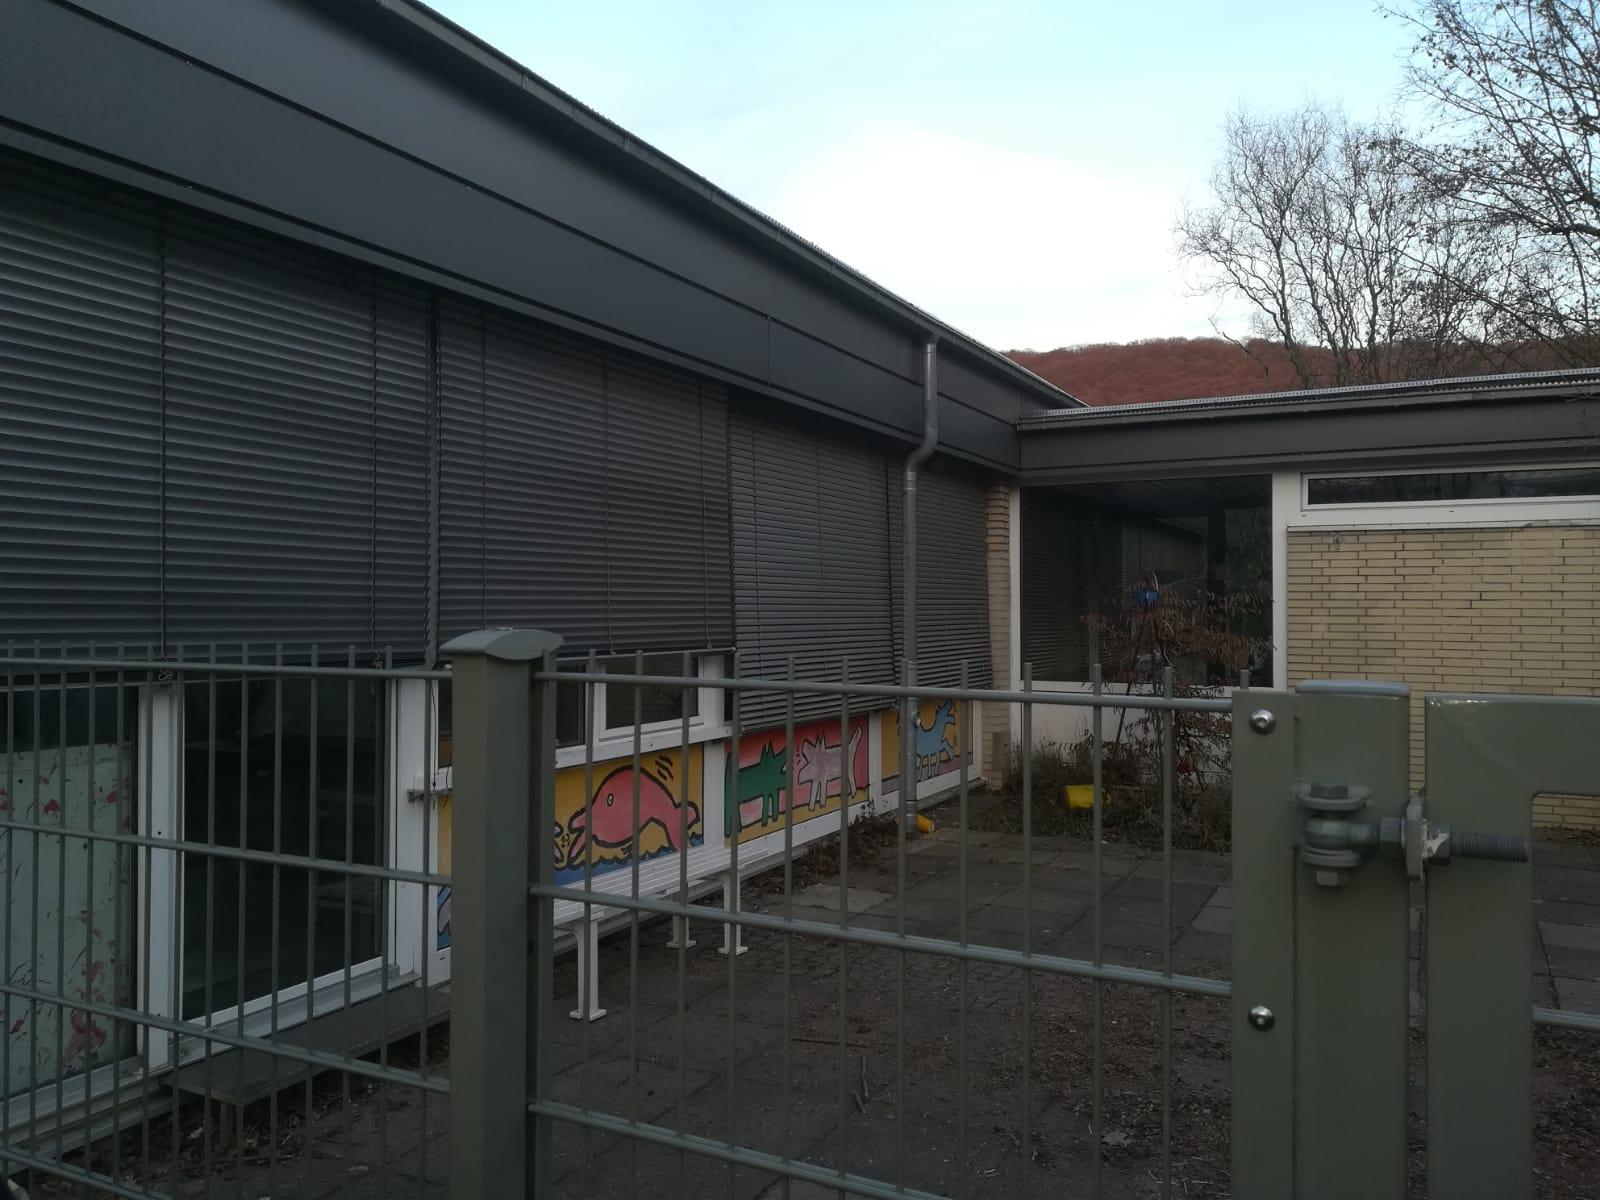 Einer der Innenhöfe der Pestalozzischule. Hier wurde in der Nacht vor der Begehung eingebrochen.